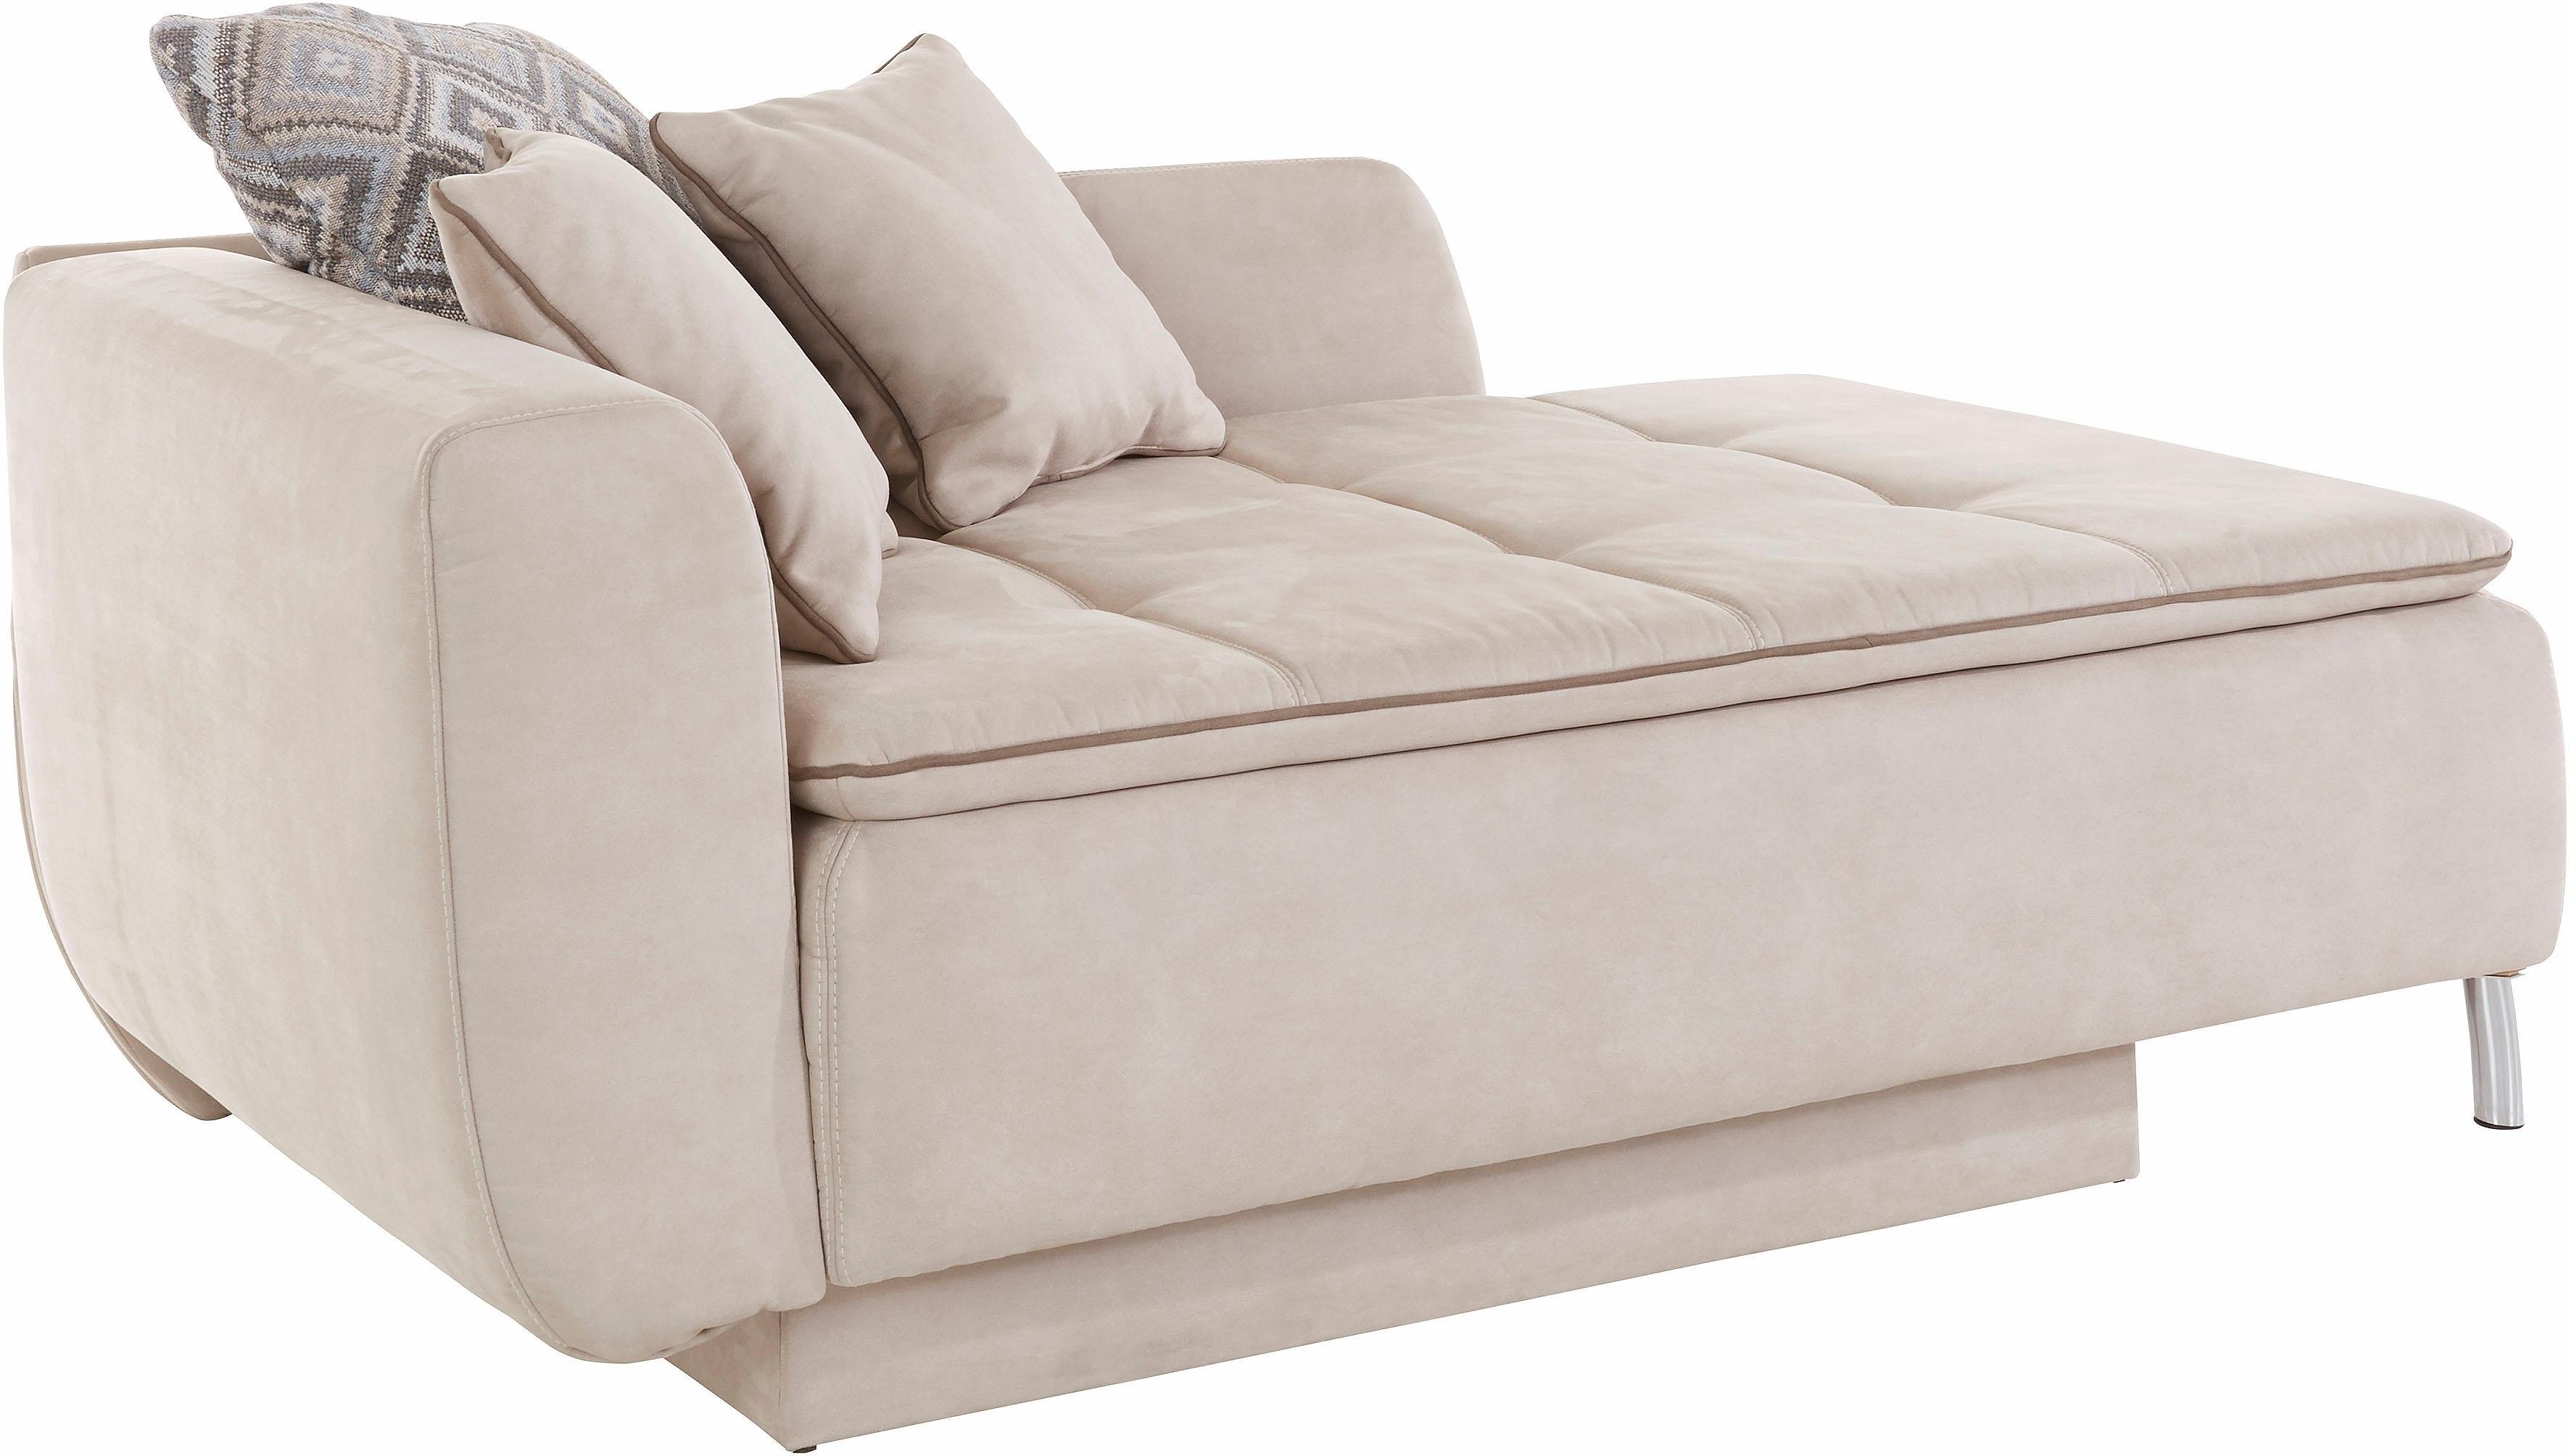 bedbank inclusief bedkist nu online kopen otto. Black Bedroom Furniture Sets. Home Design Ideas